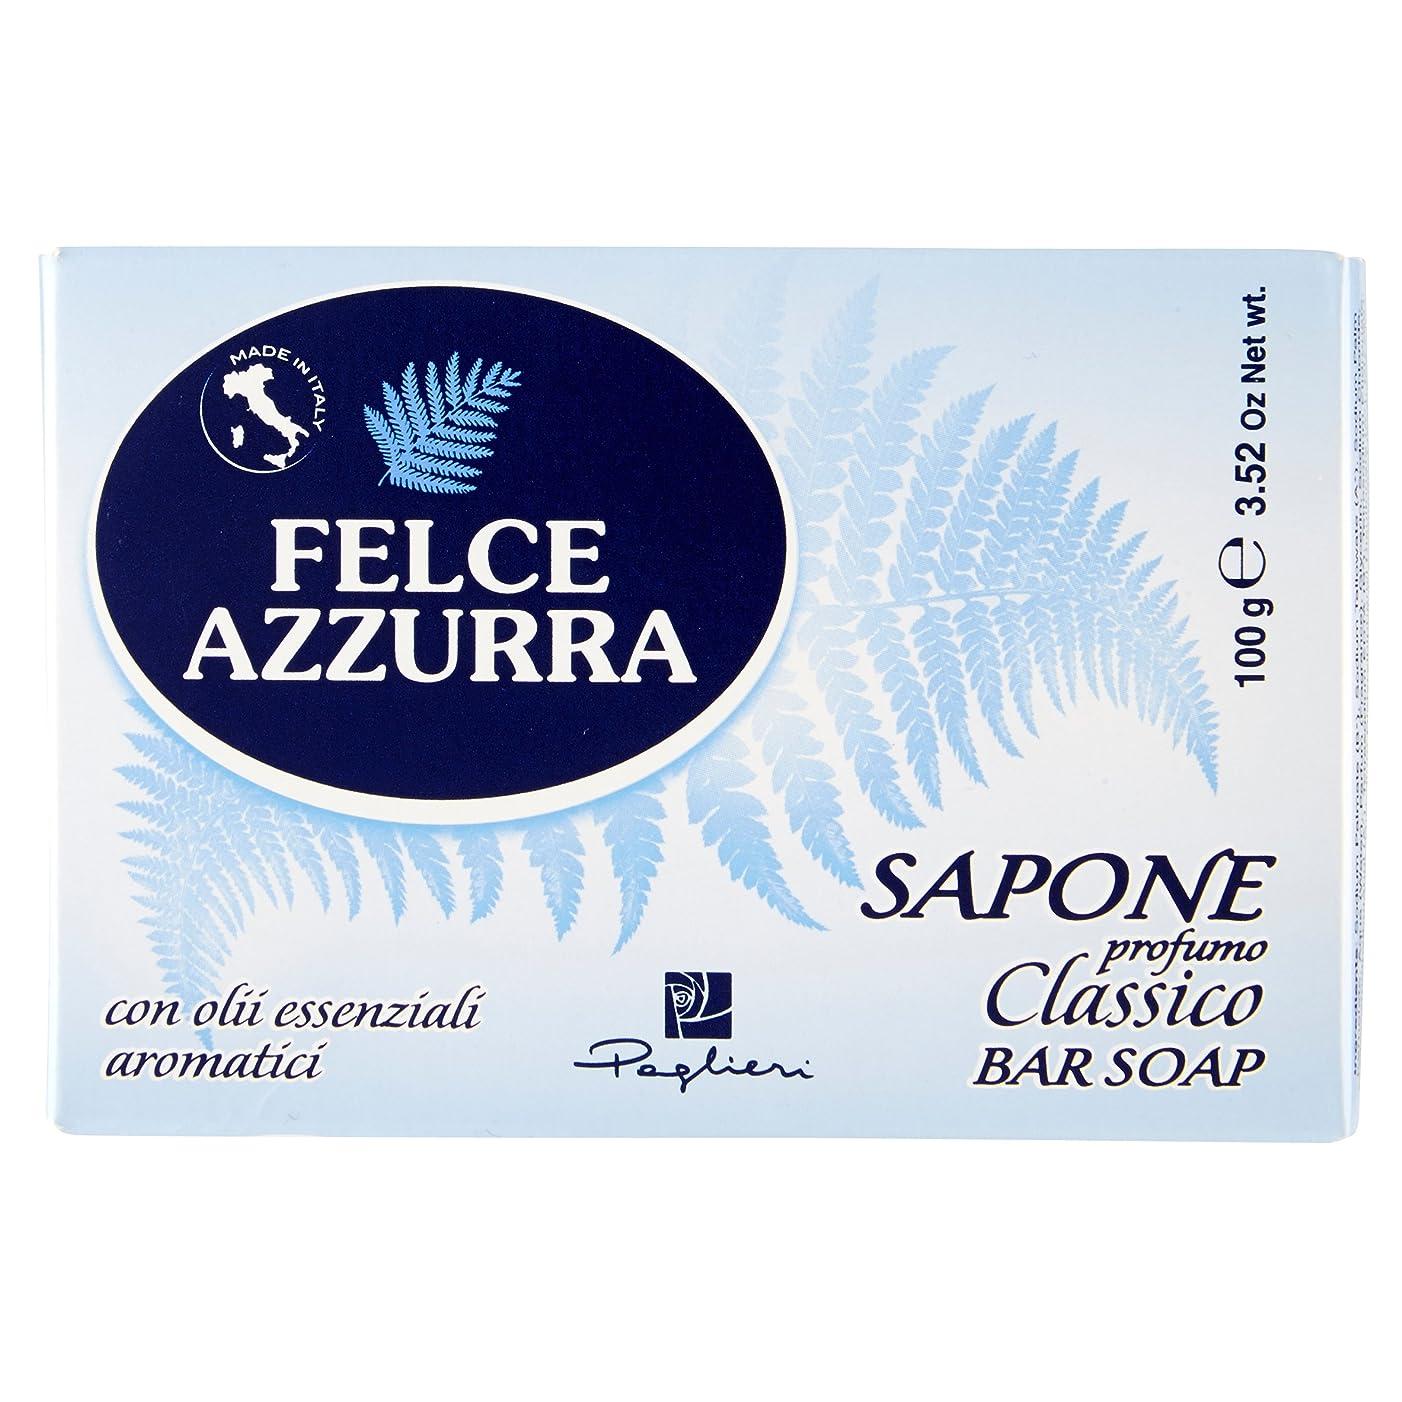 超える記念碑的な類似性Felce Azzurra Classico Bar Soap 100g soap by Felce Azzurra by Felce Azzurra